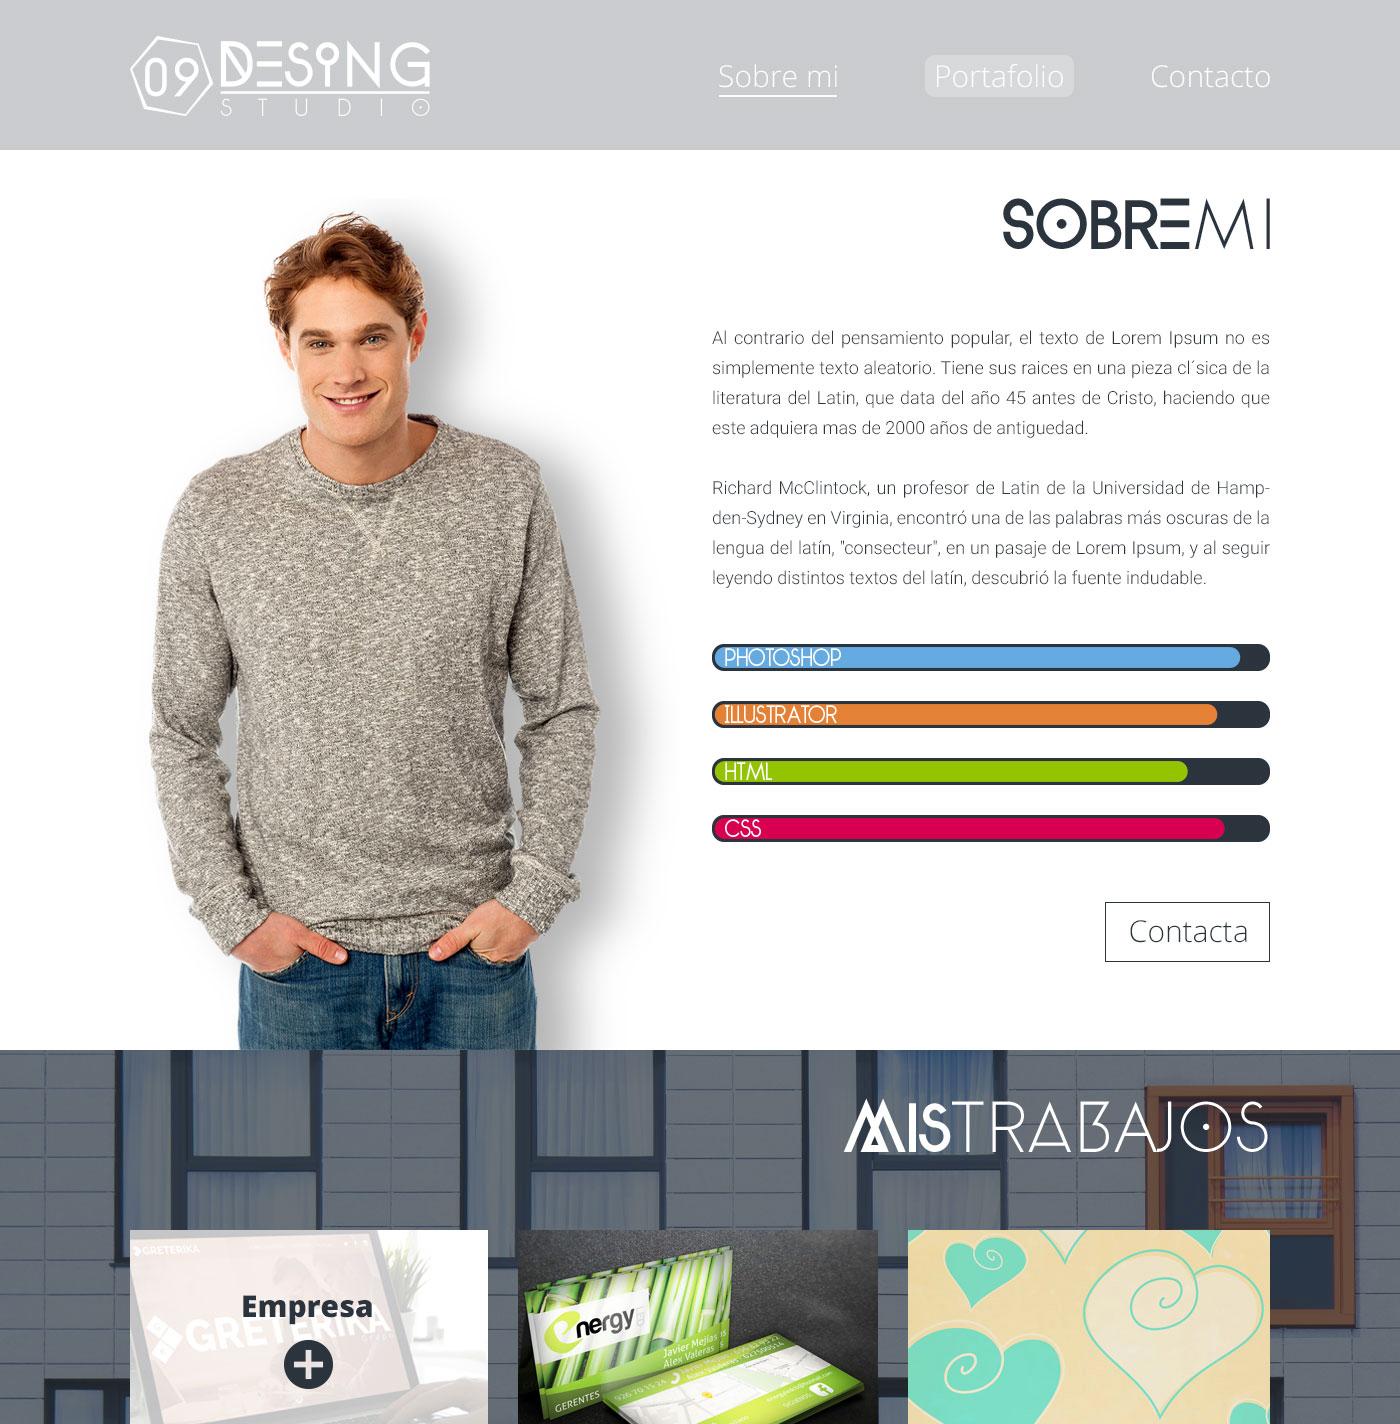 Plantilla WEB para Estudio de Diseño en PSD gratis